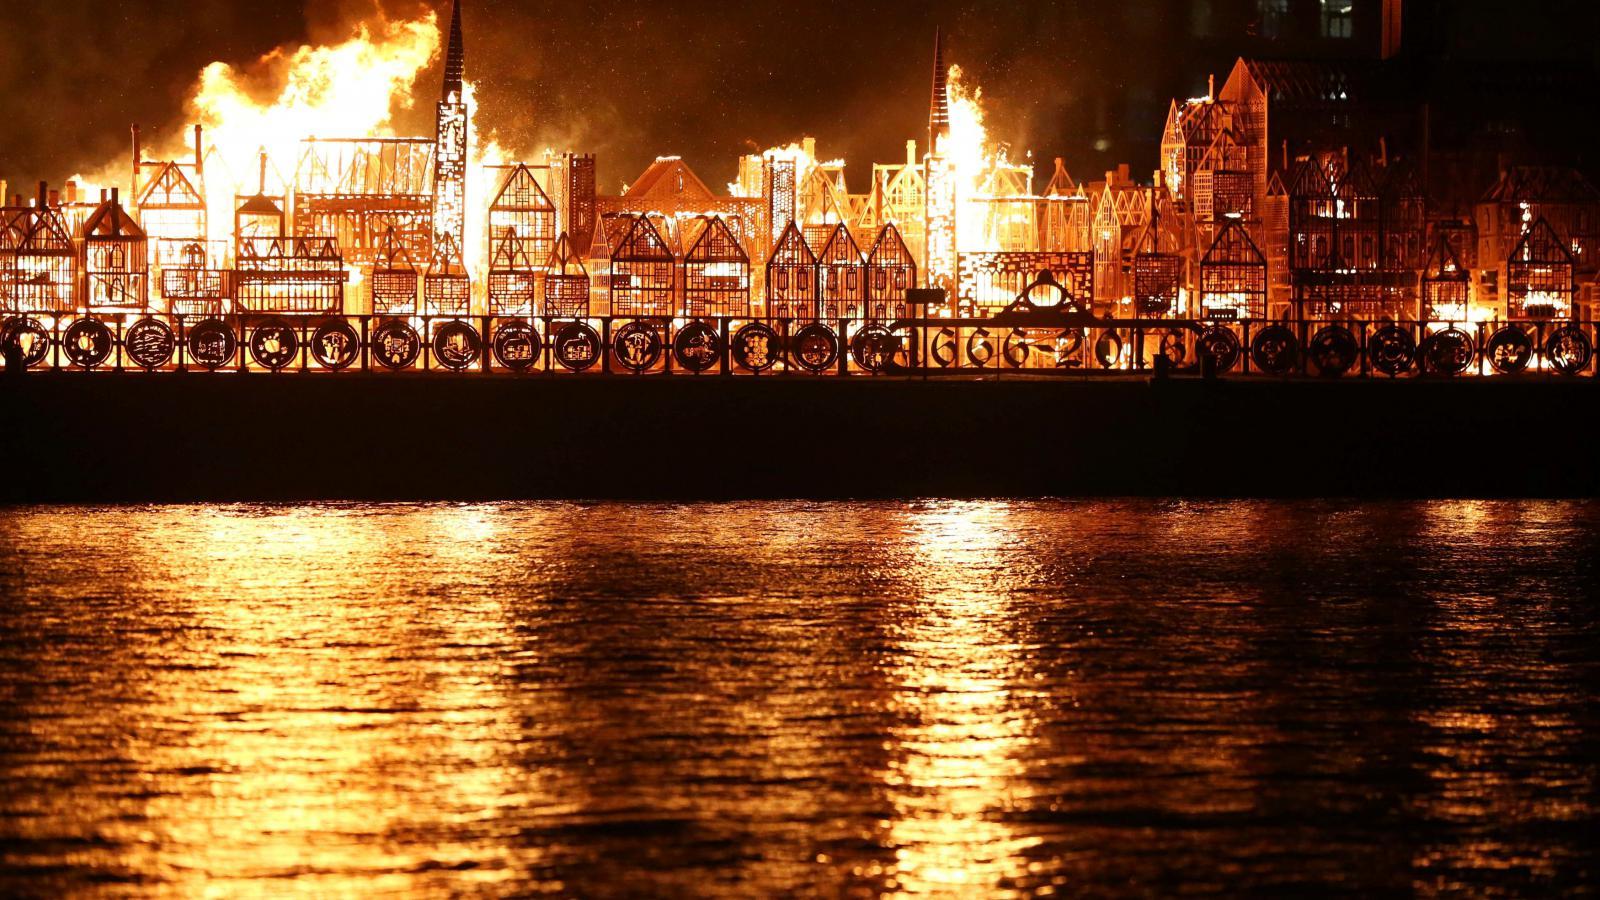 Hořící maketa Londýna ze 17. století